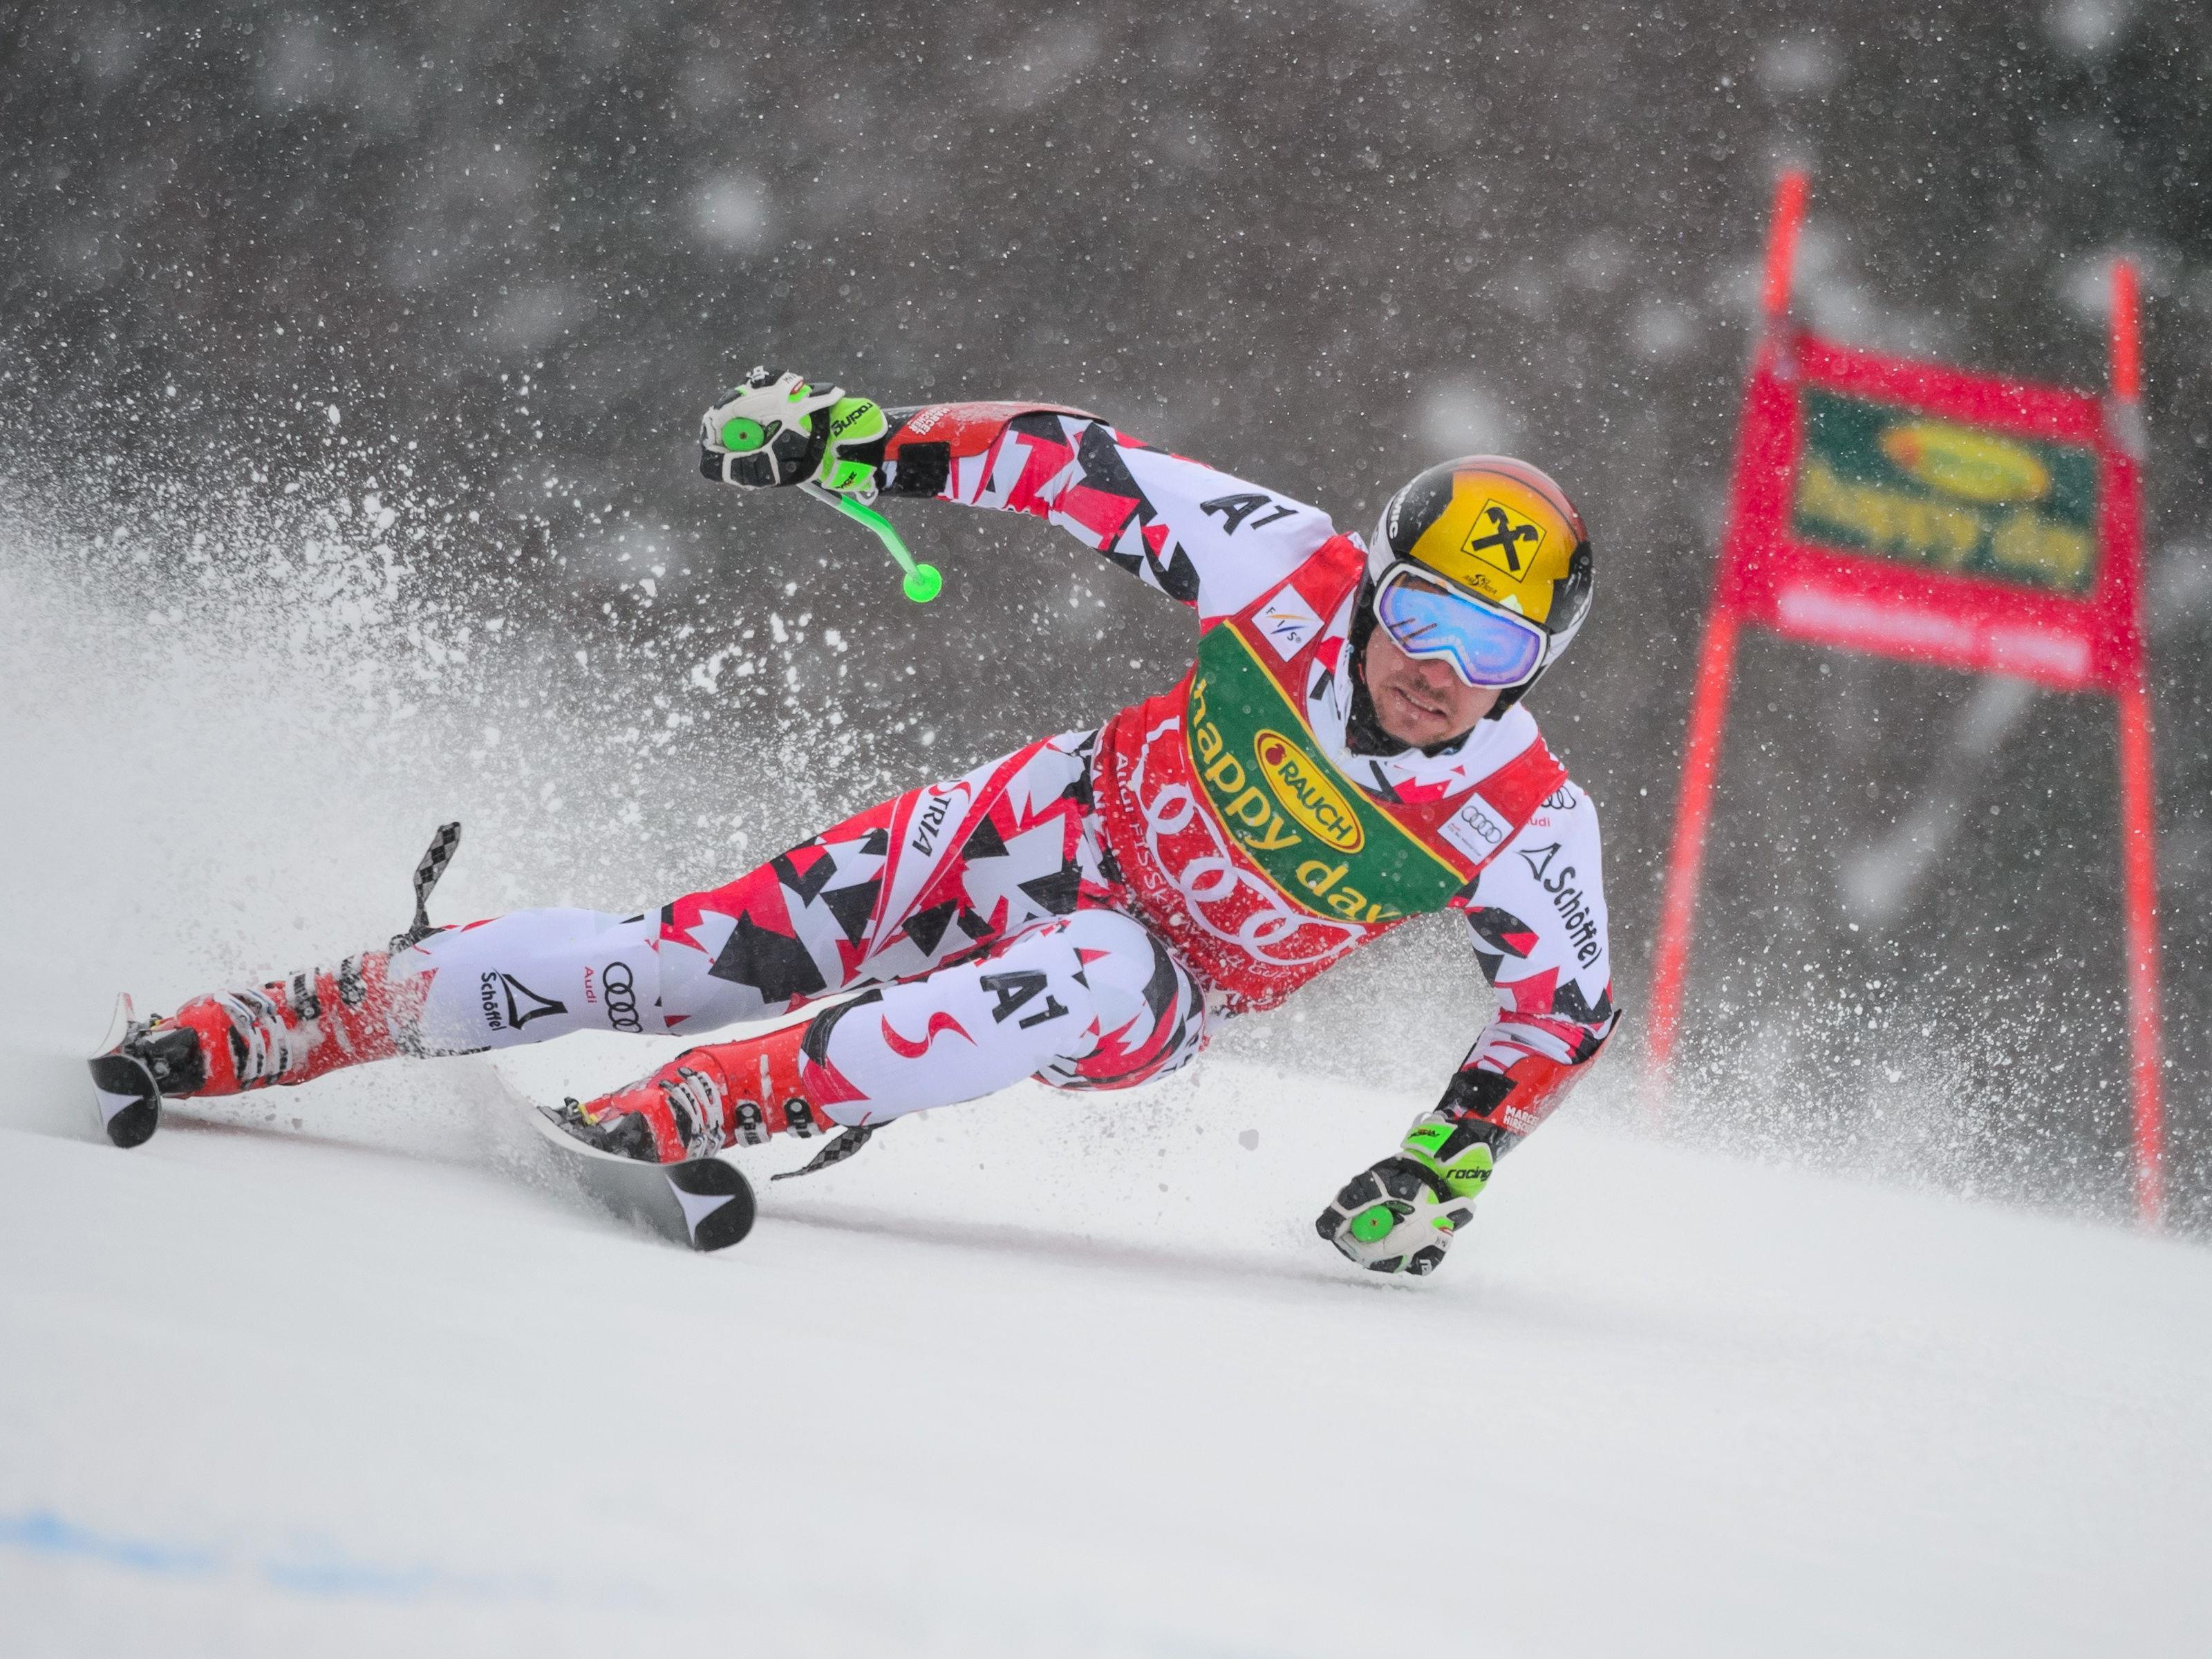 Marcel Hirscher sichert sich in Kranjska Gora seinen fünften Sieg im Gesamtweltcup.